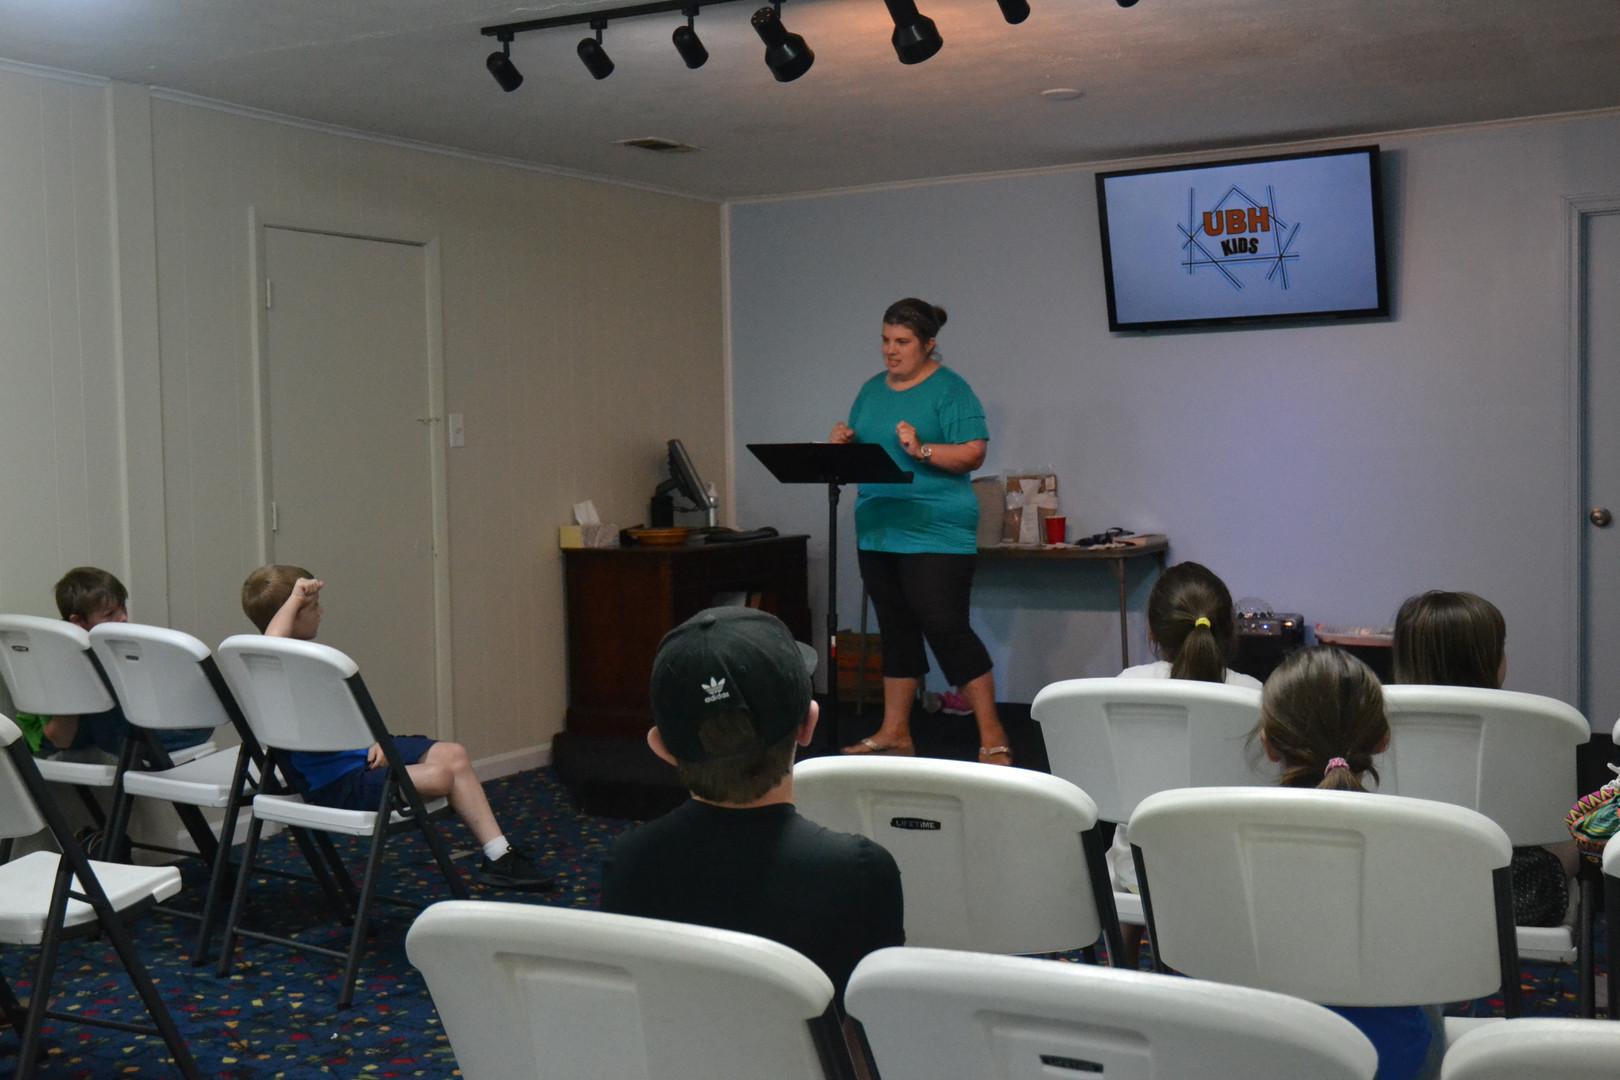 Ms. Tonya teaching Wednesday night class